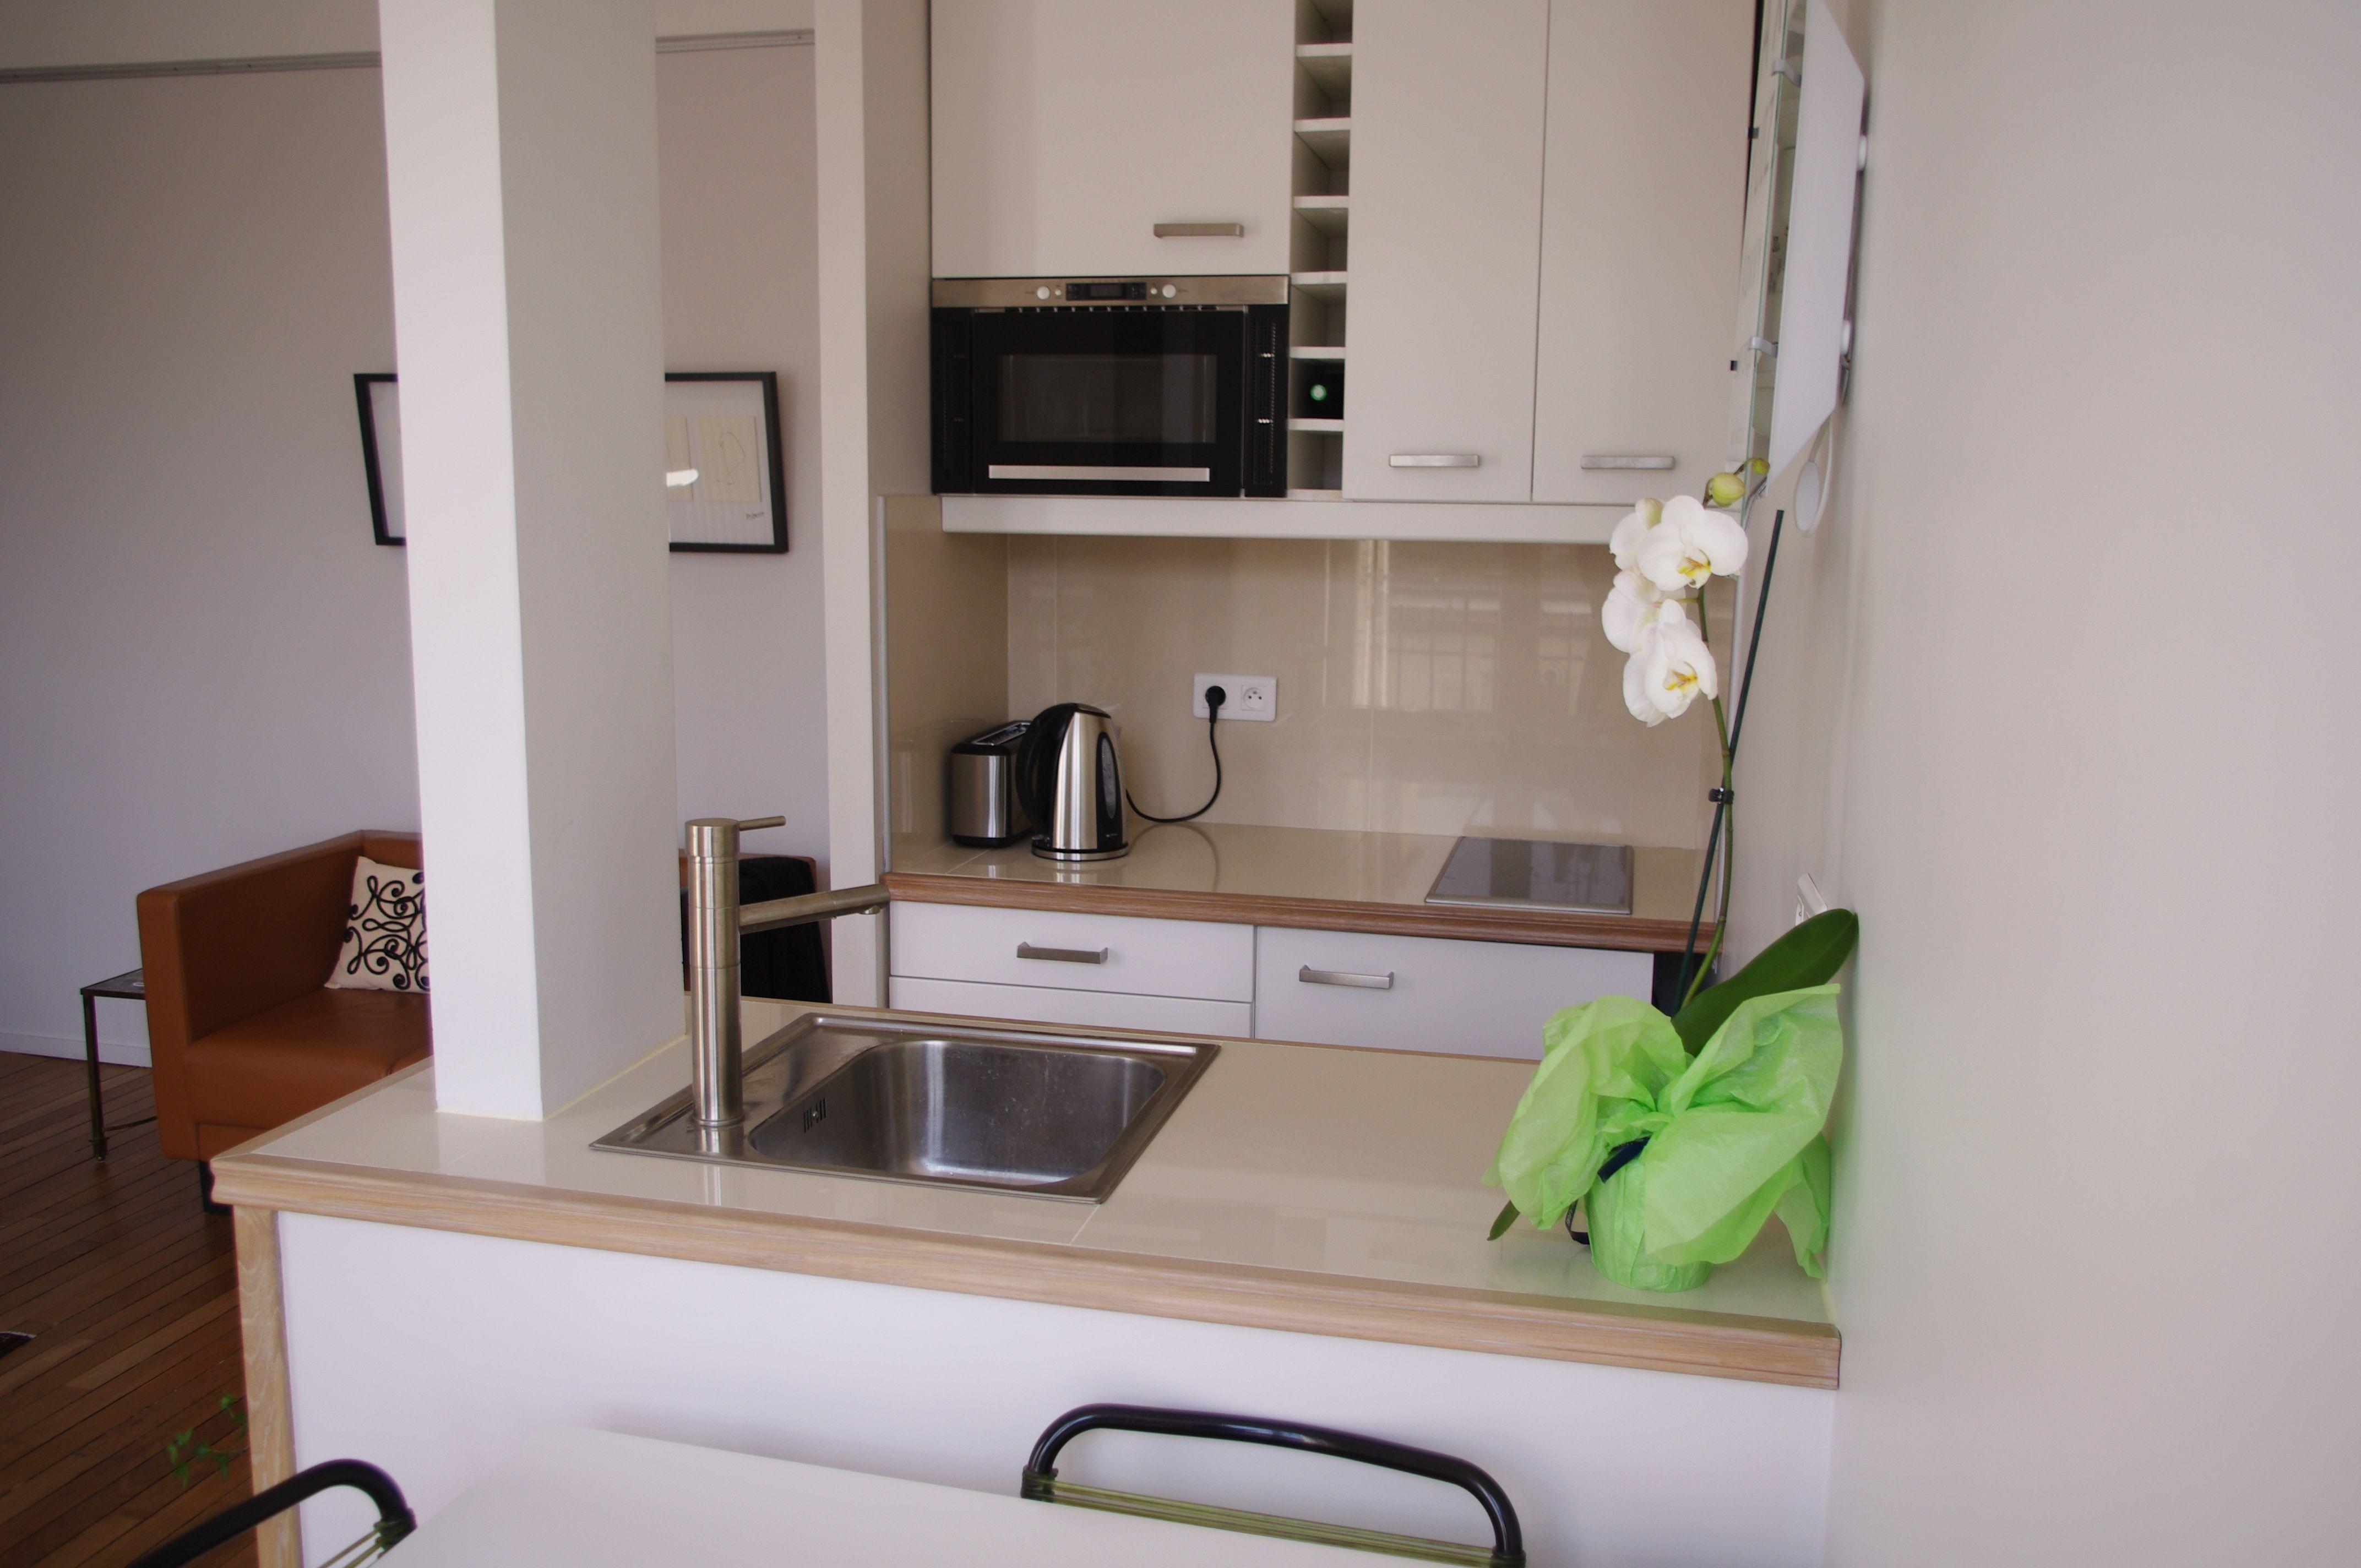 Meuble Four Plaque Induction appartement meublé à louer à paris avec une cuisi